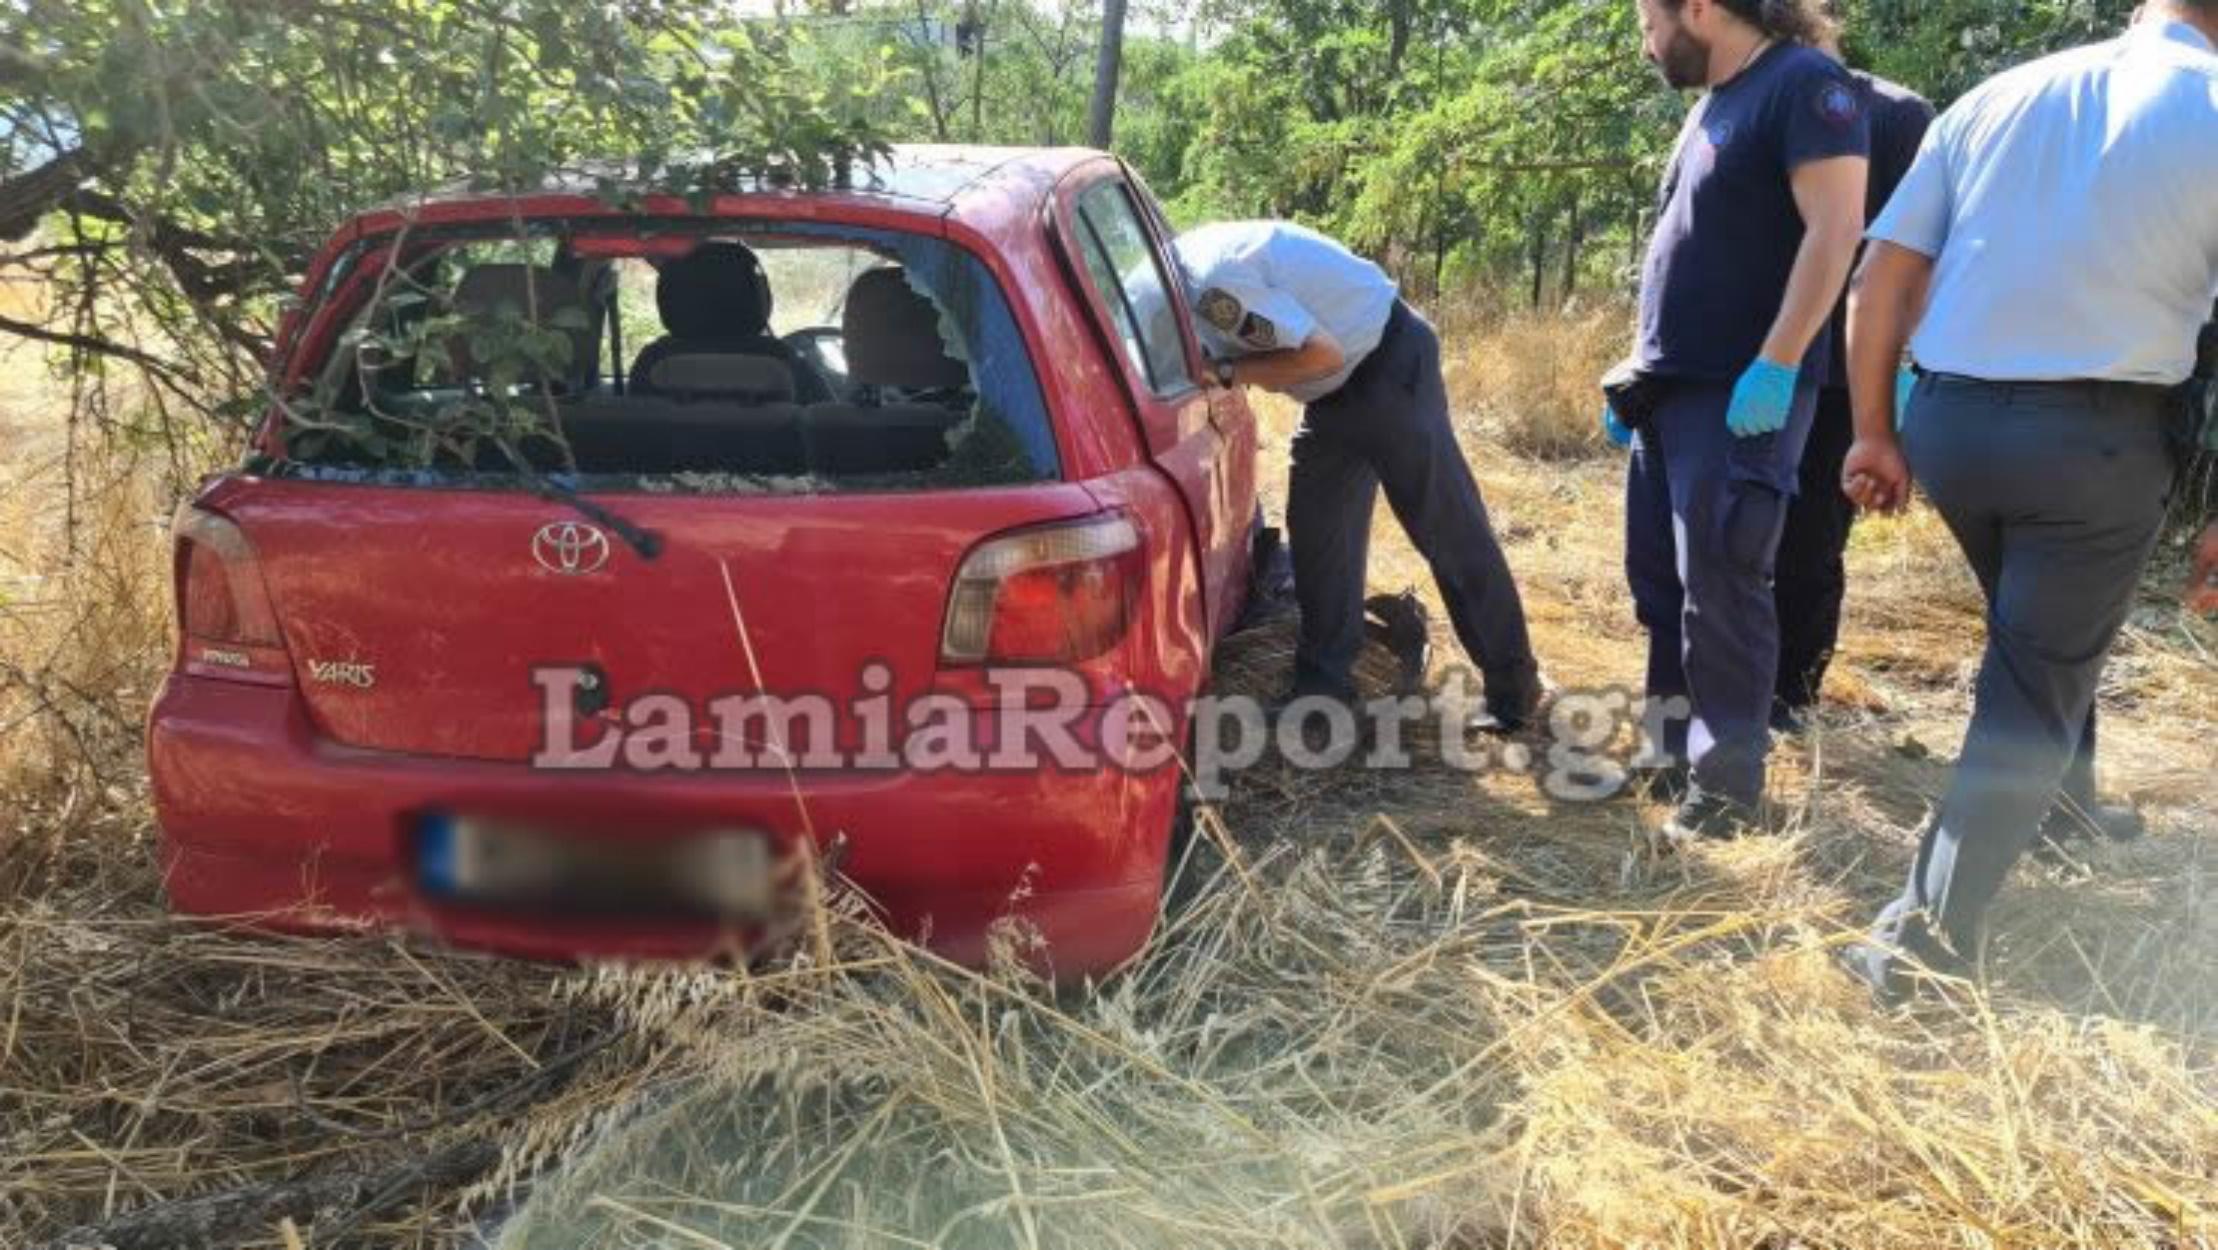 Λαμία: Λαχτάρα στην άσφαλτο για νεαρό ζευγάρι – To αυτοκίνητο έφυγε από το δρόμο και σταμάτησε σε αυτό το σημείο